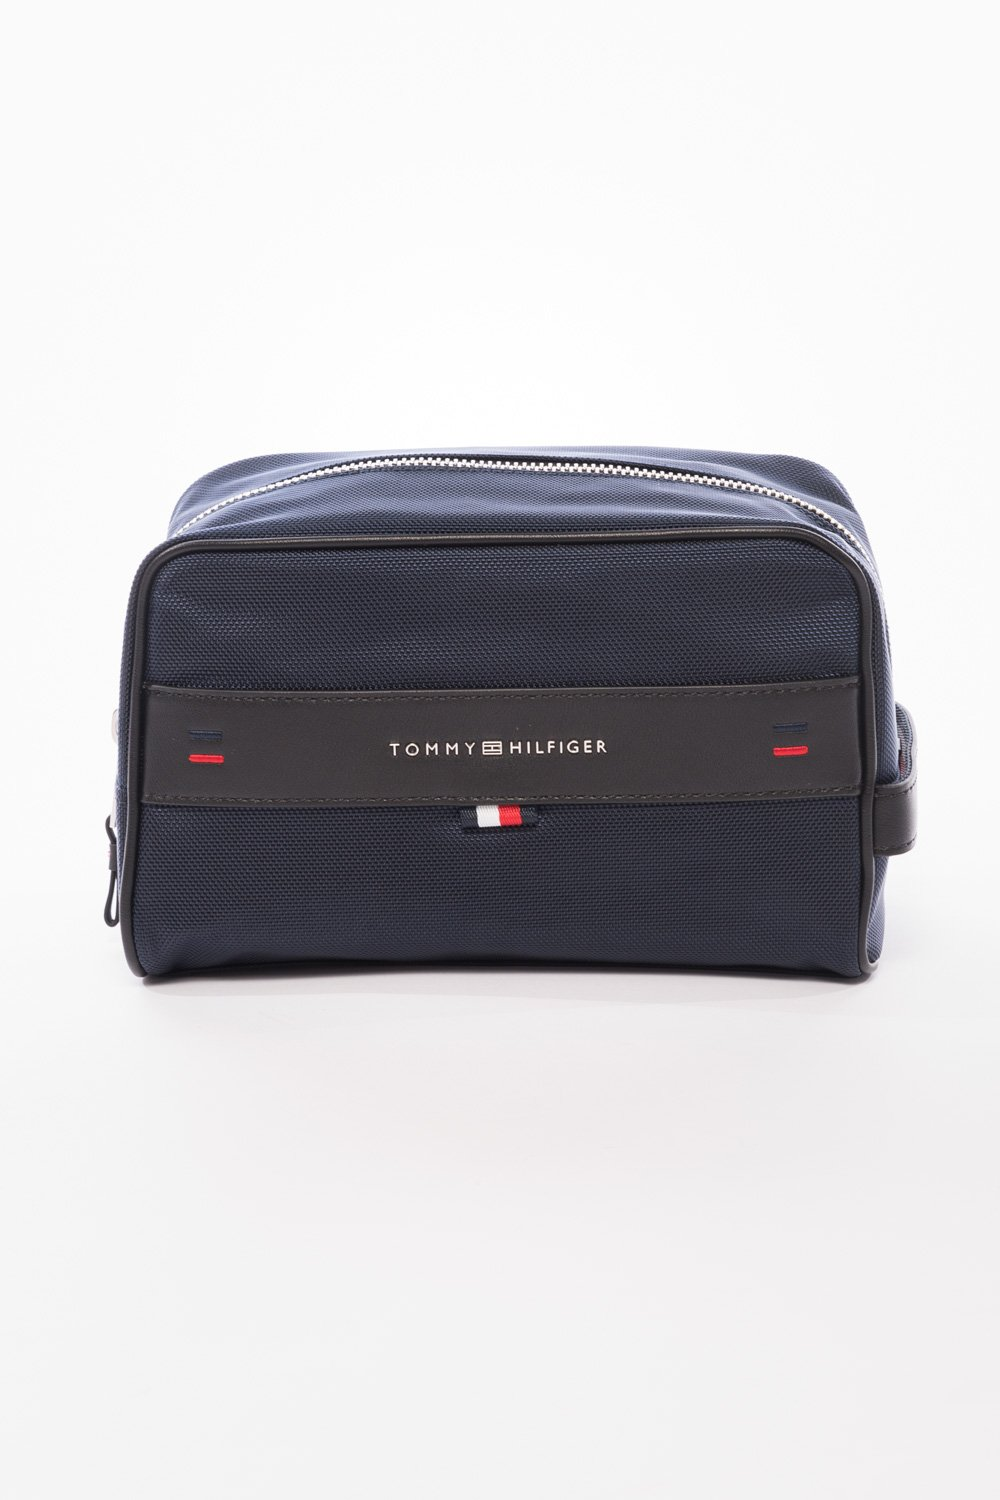 Tommy Hilfiger táska 8859395217